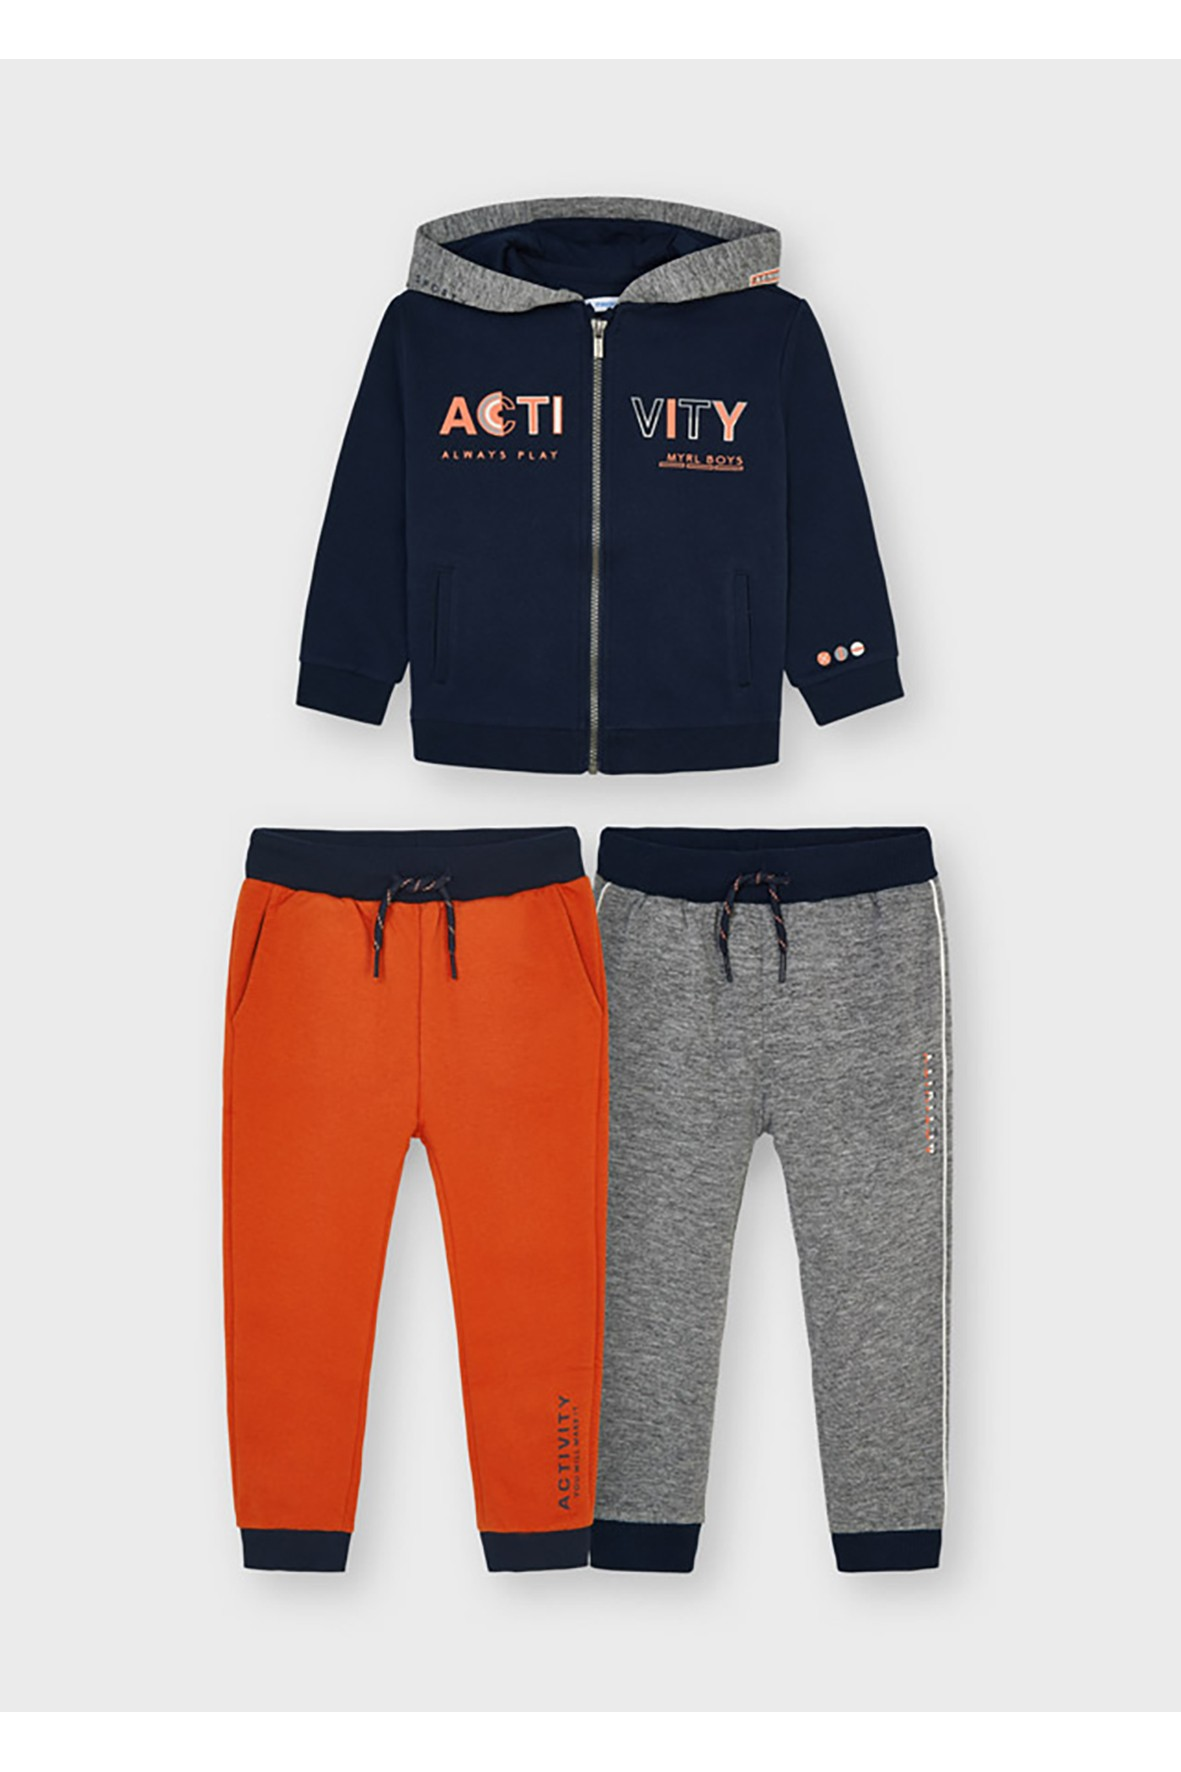 Komplet dresowy 3 częściowy Mayoral - bluza z kapturem i 2 x spodnie dresowe